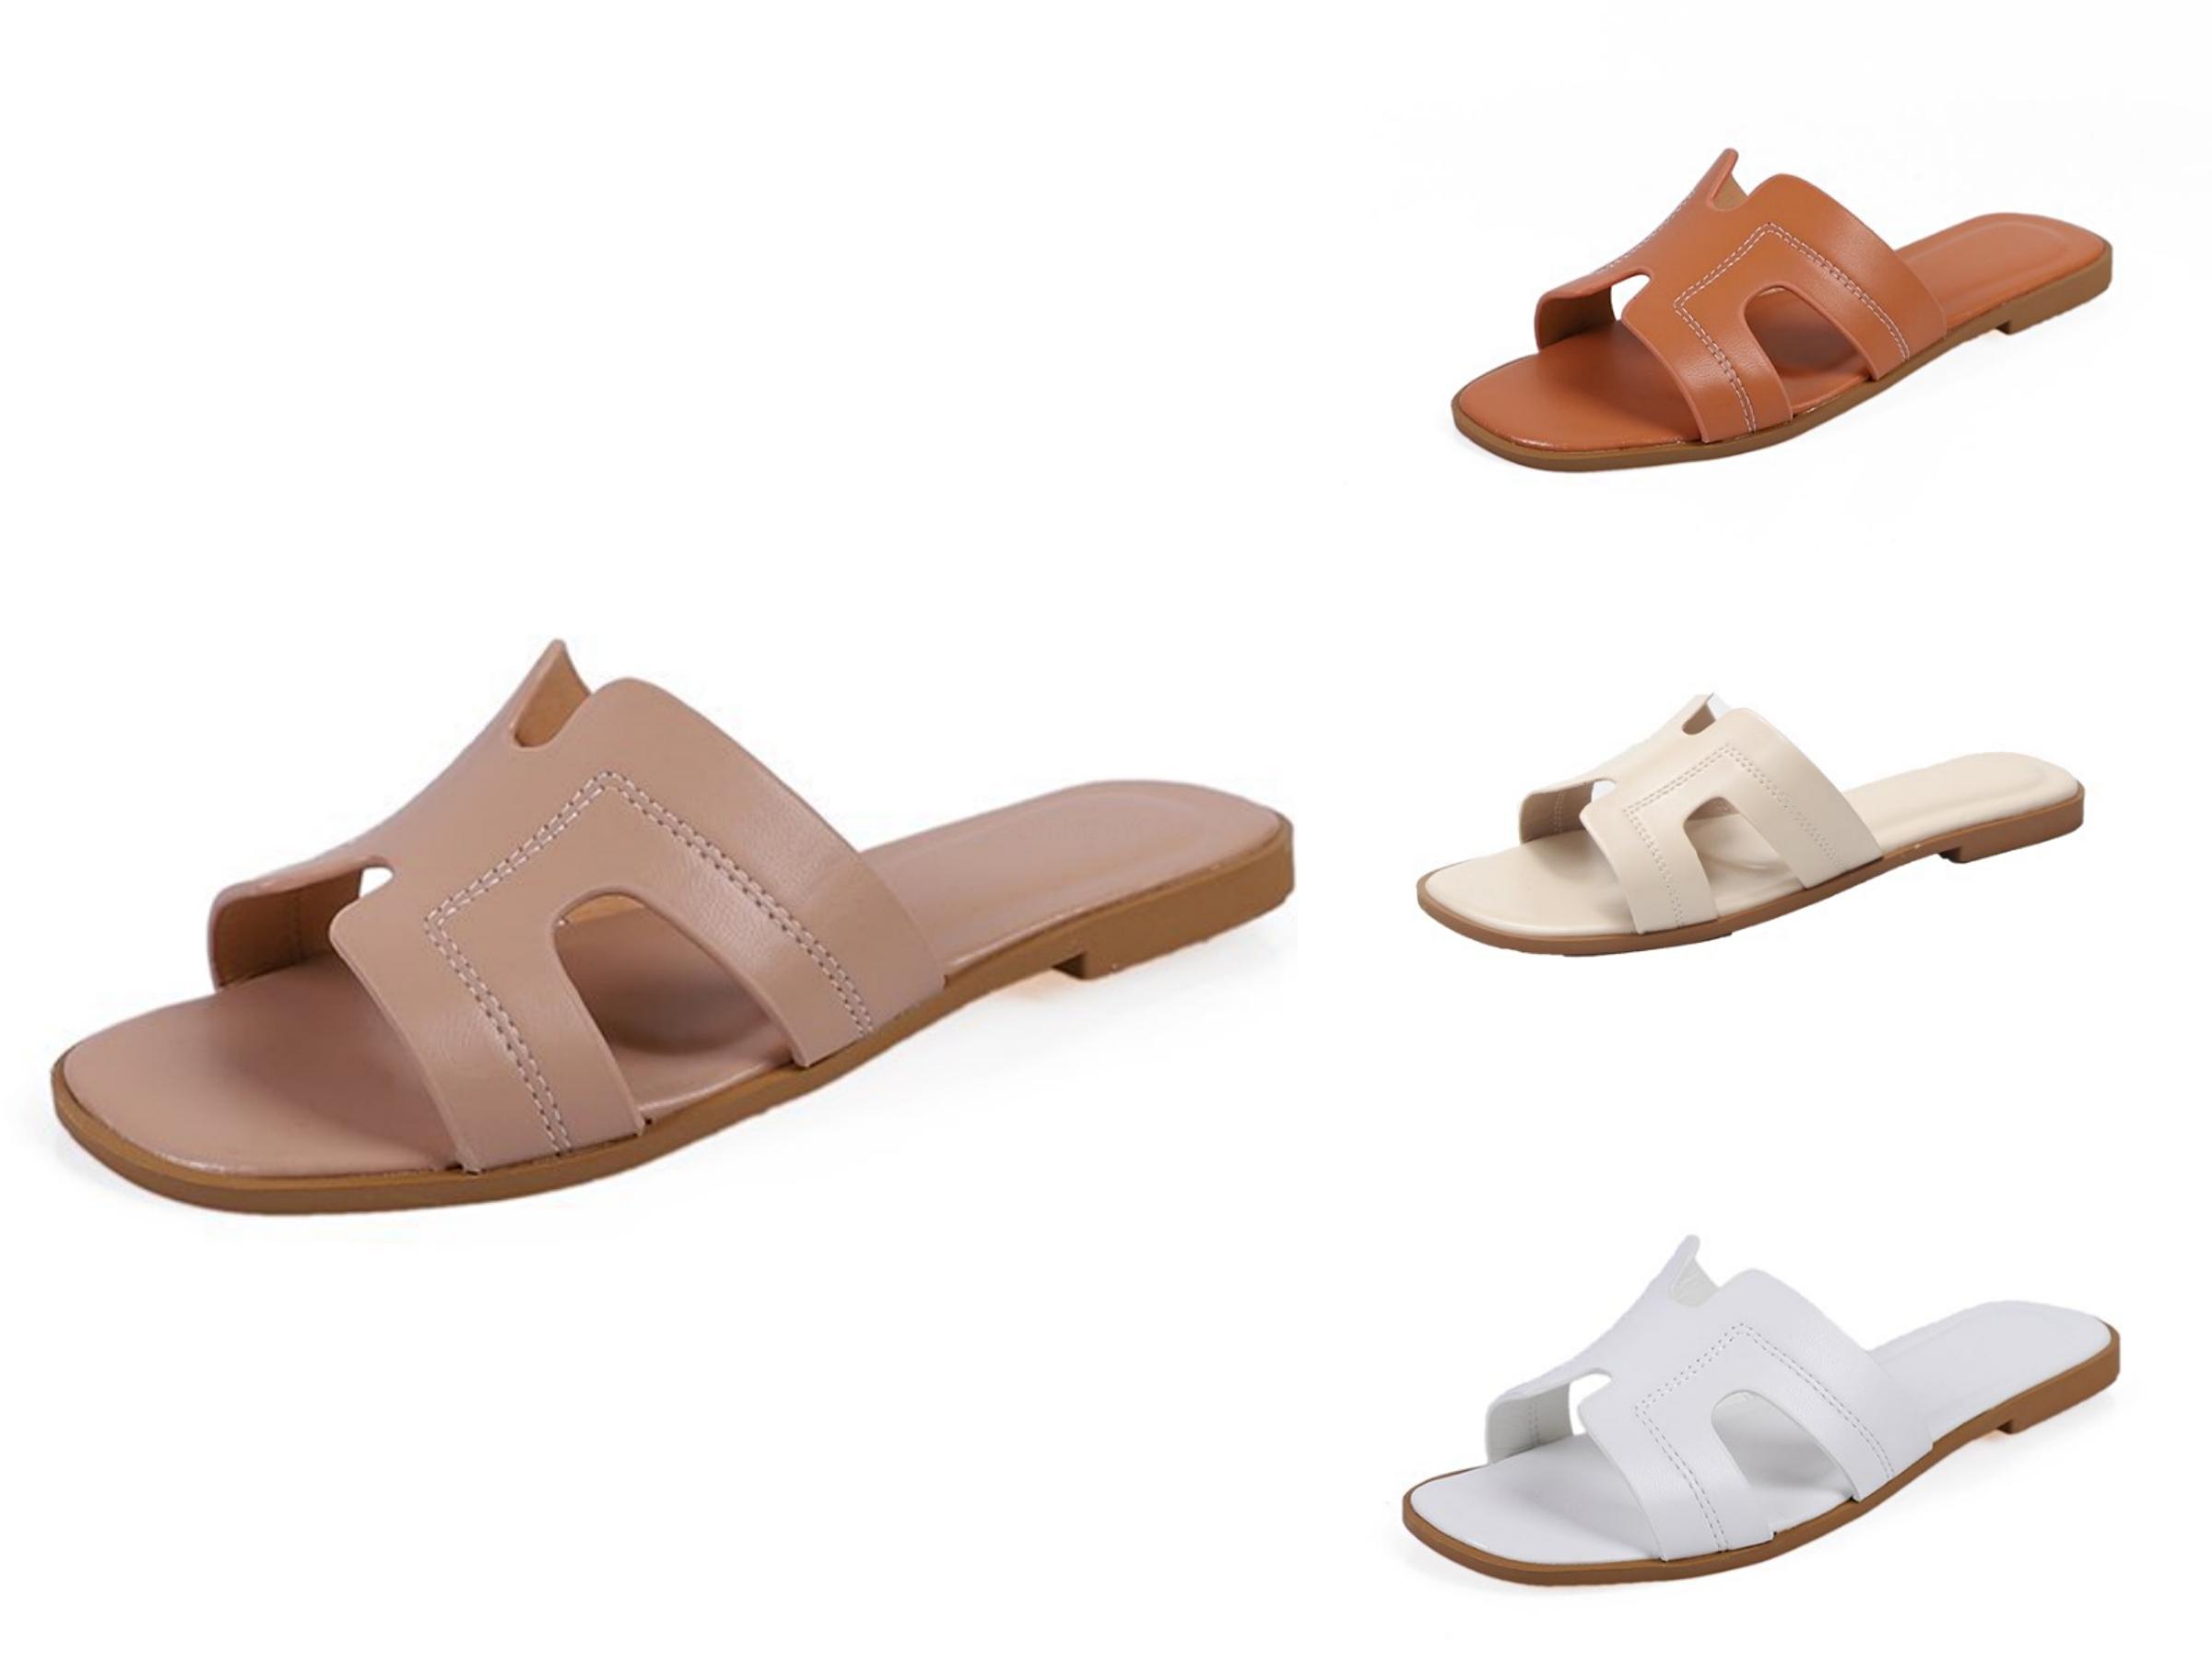 Babaya neonata pantofole principessa Shoes ragazze H Beach Cartoon Shoes inferiore molle 2020 di estate del nuovo asilo traspirante # 566